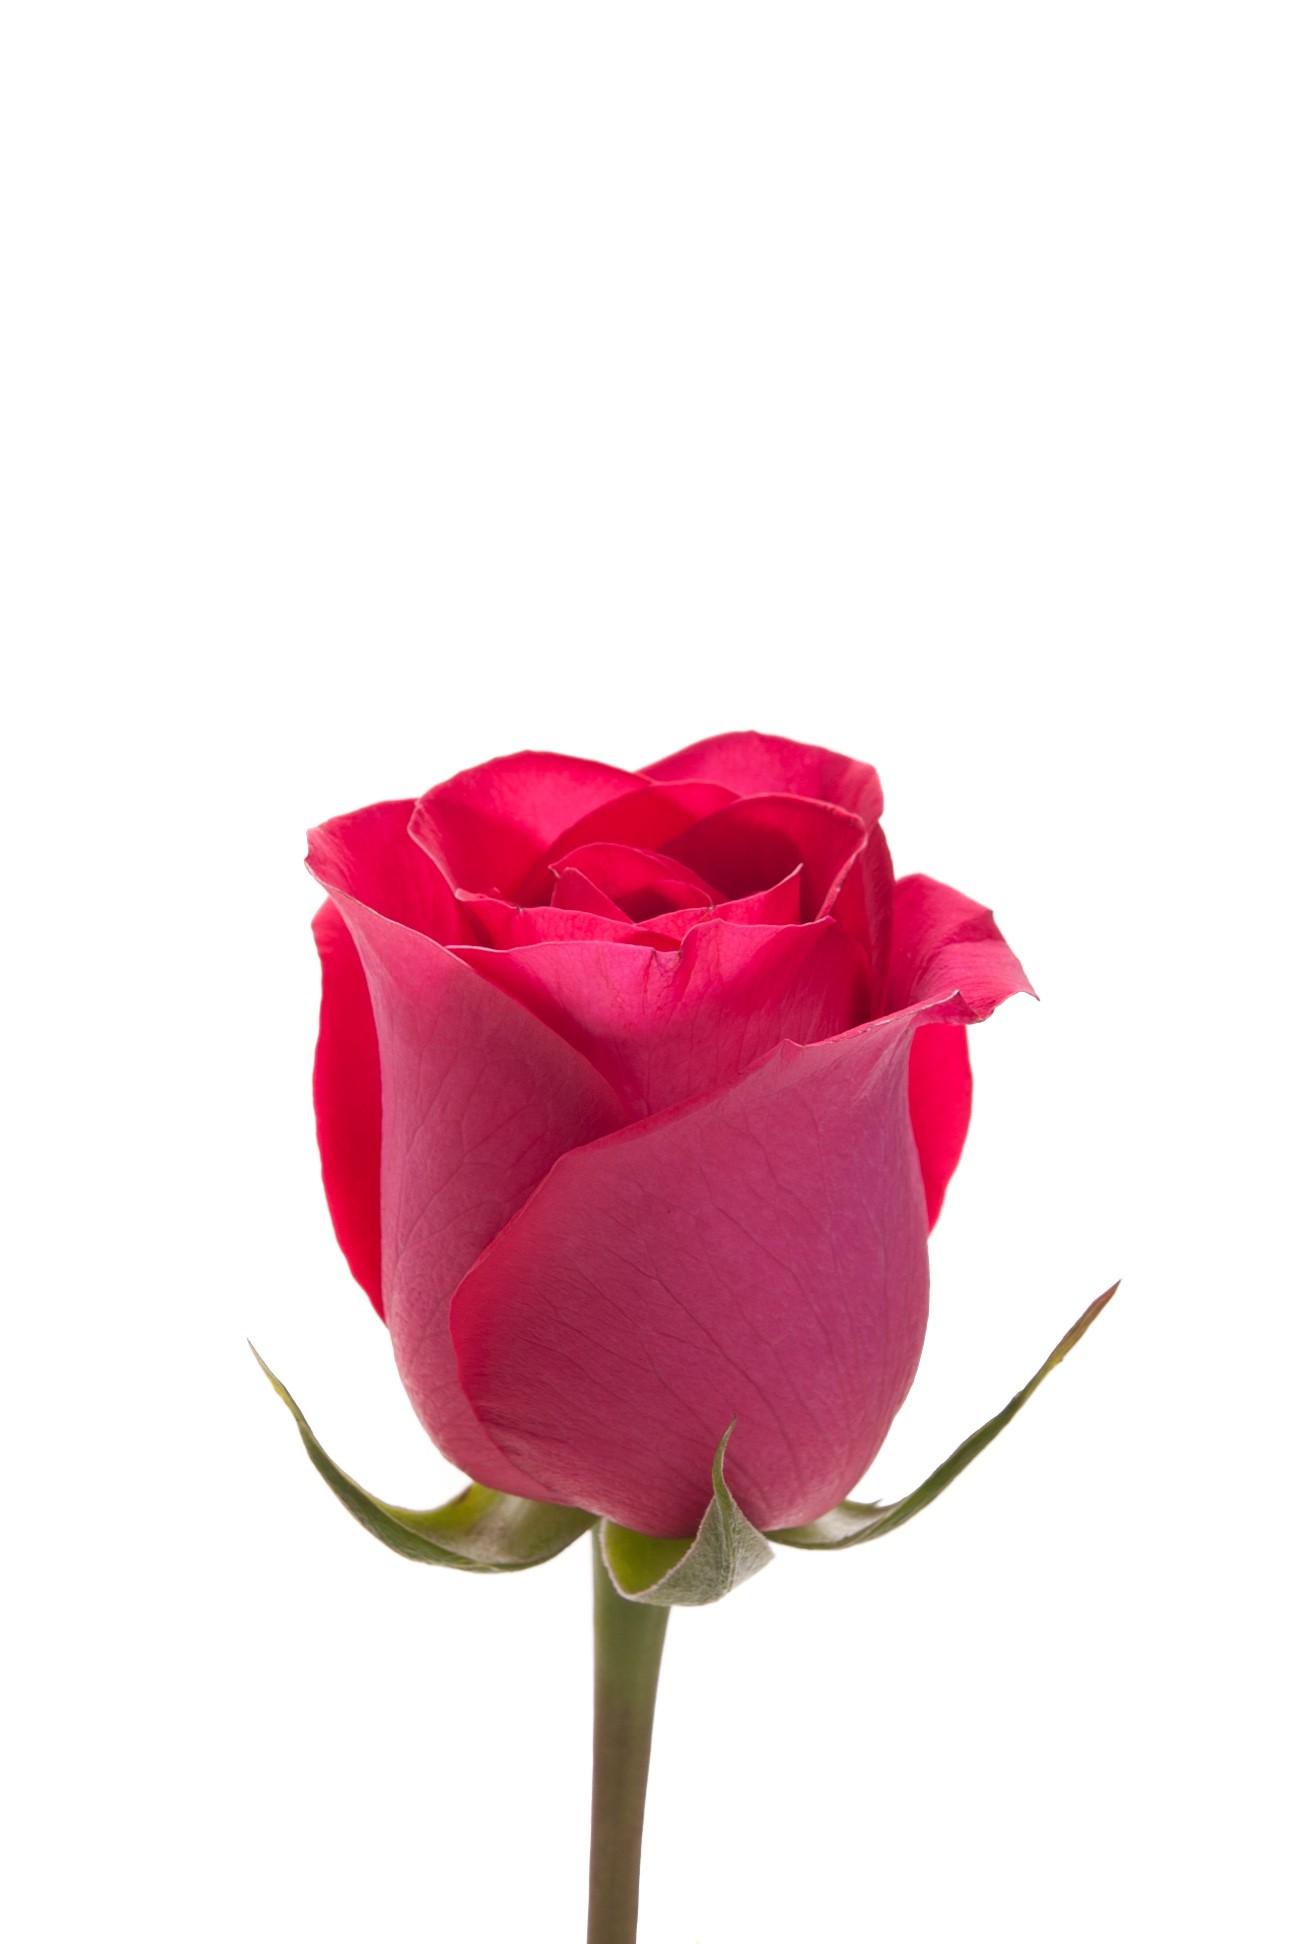 free photo pink single rose pink rose petals free download